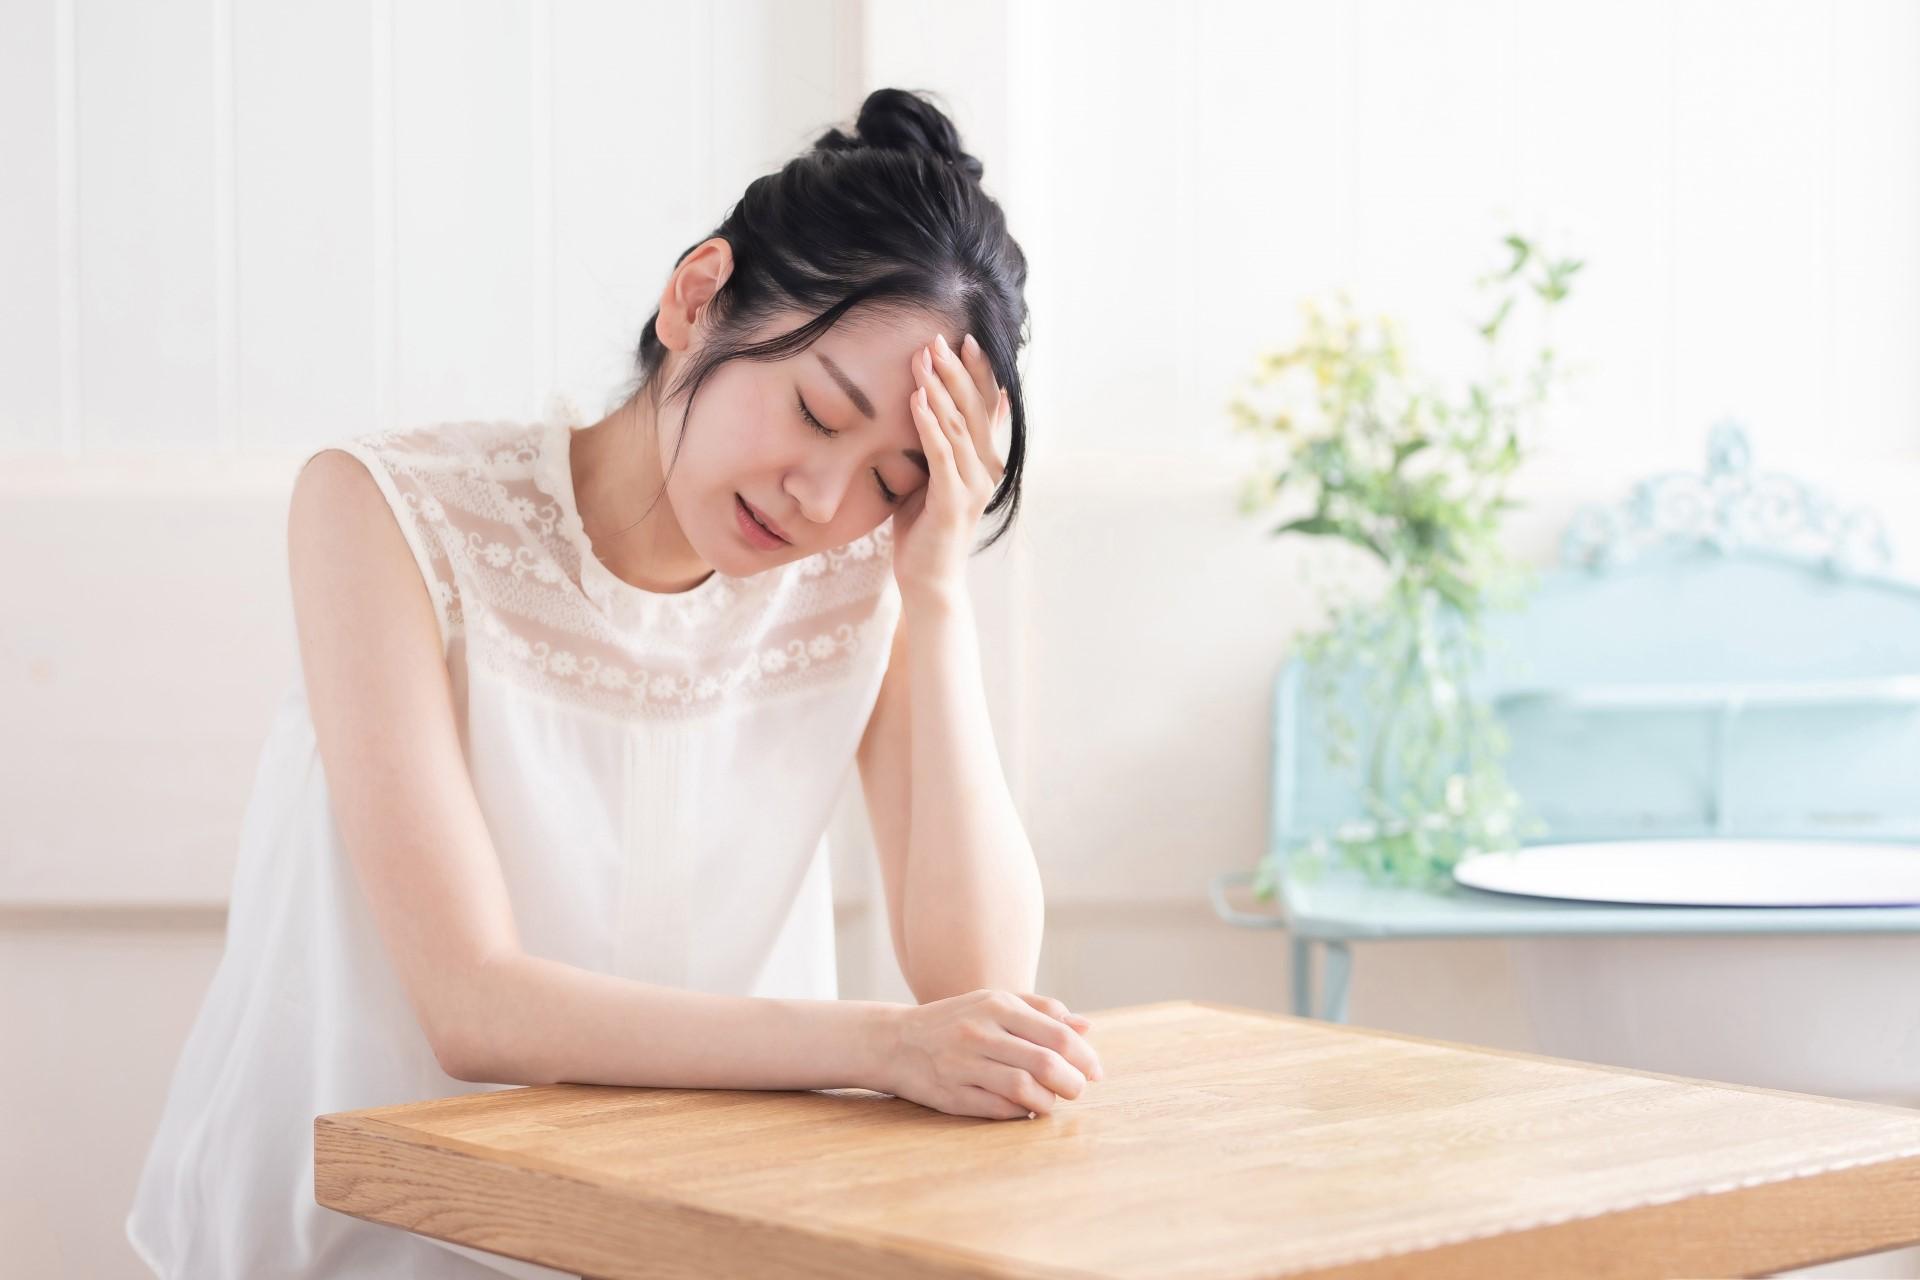 むくみ、肩こり、腰痛、睡眠不足や頭痛等の自律神経の乱れ等はくば整骨院にご相談ください